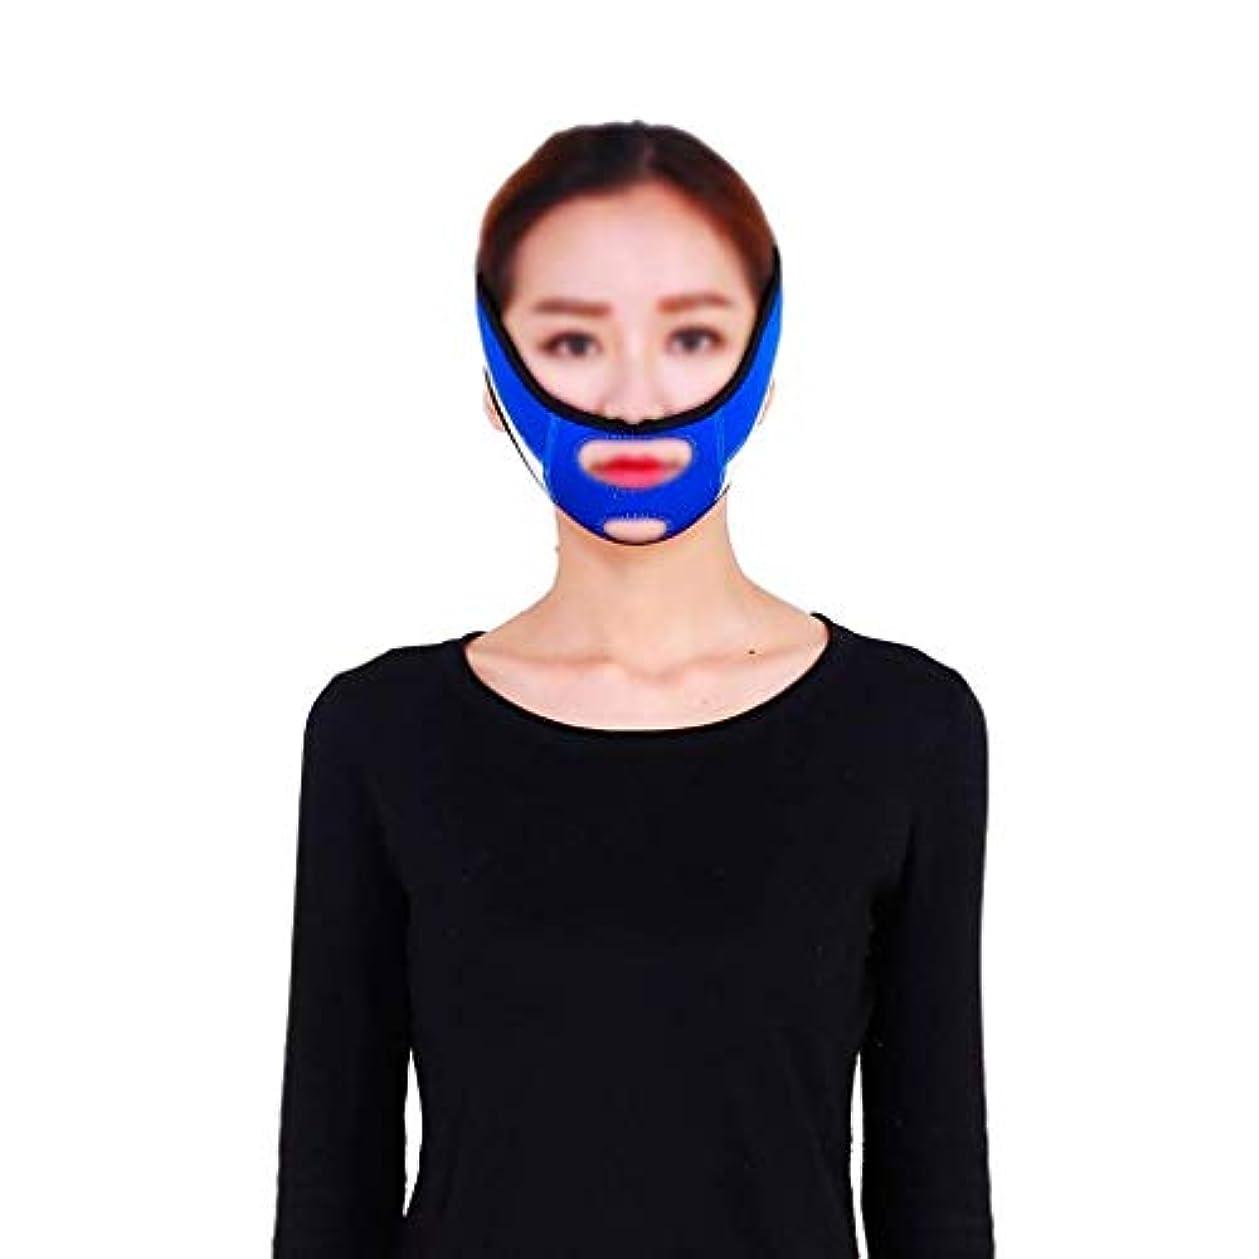 対角線簡単にスキーファーミングフェイスマスク、スモールVフェイスアーティファクトリフティングマスク、口を調整して垂れ下がった肌を縮小滑り止め弾性ストレッチ包帯